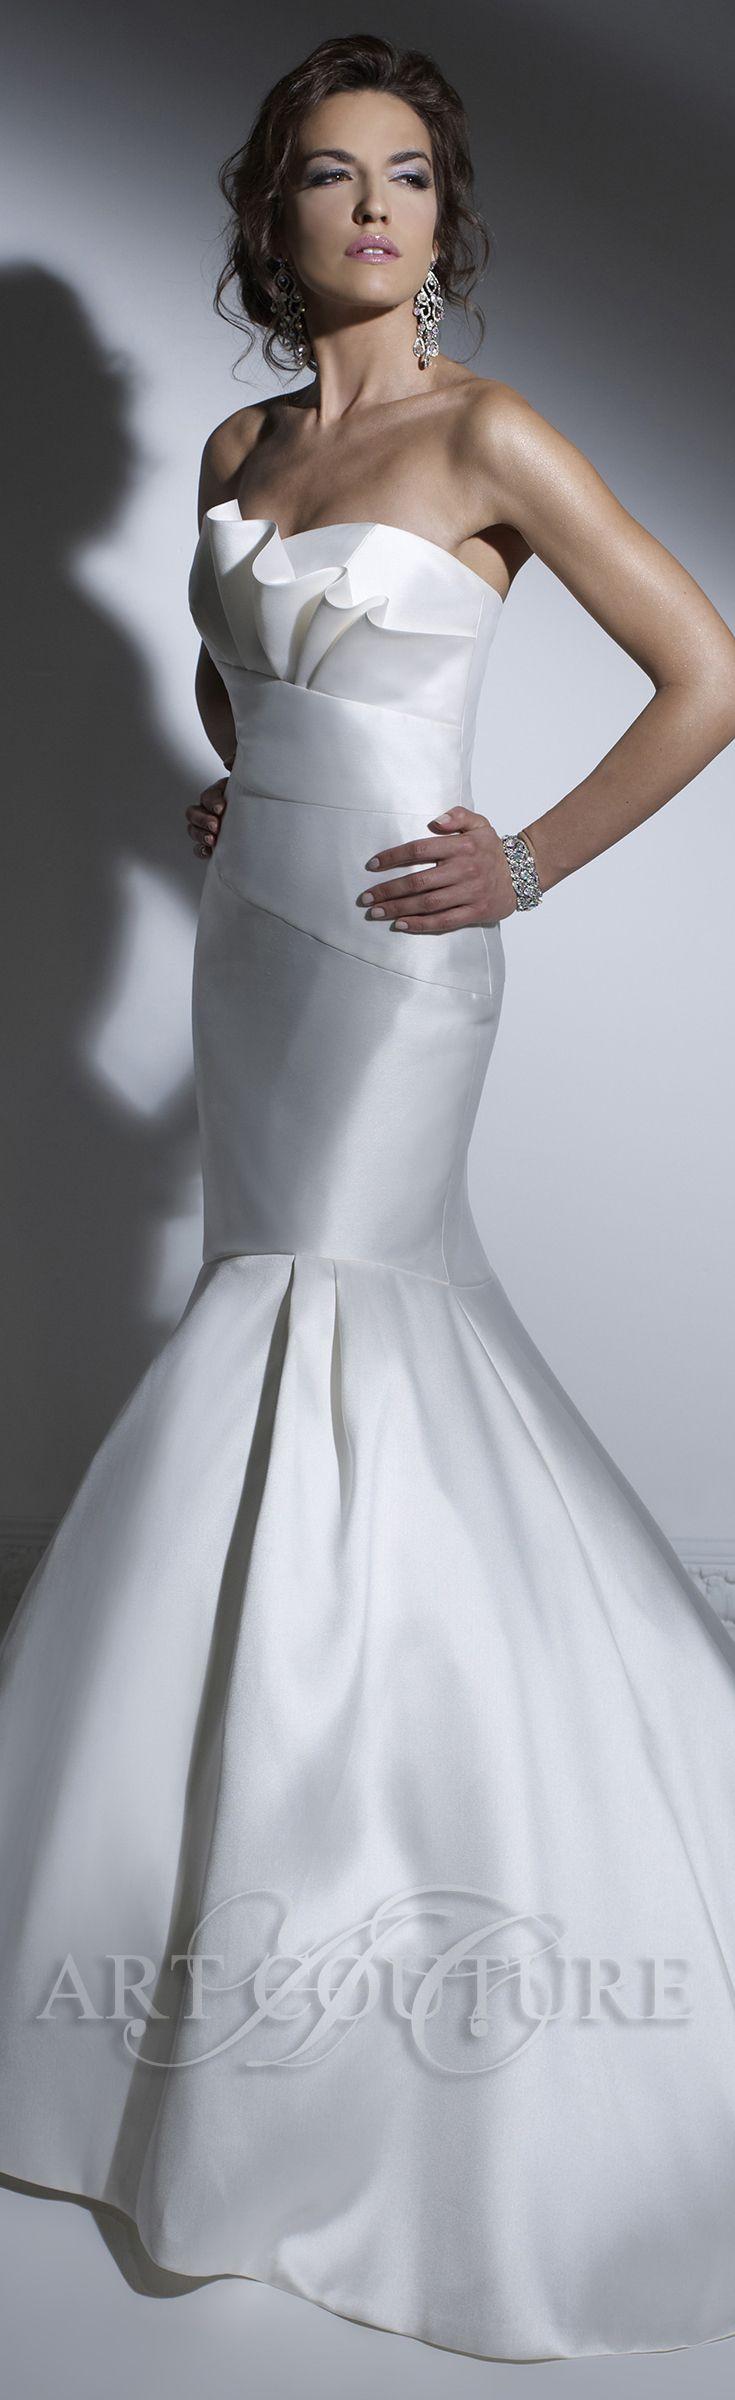 The 28 best Eternity Bride Brudekjoler images on Pinterest ...